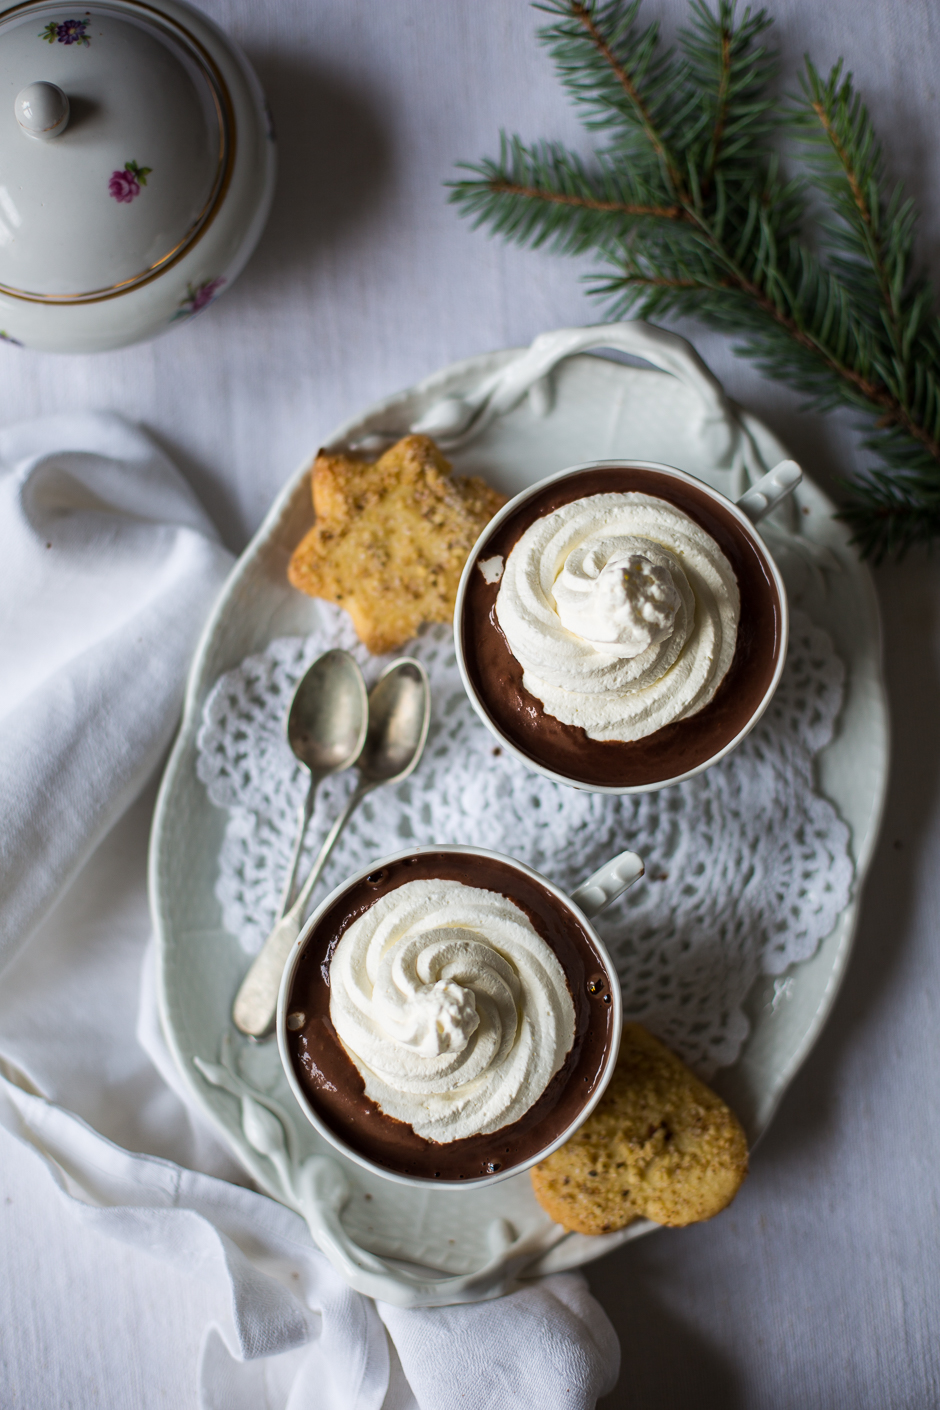 forró csokoládé az Emlékek Íze konyhájából www.emlekekize.hu